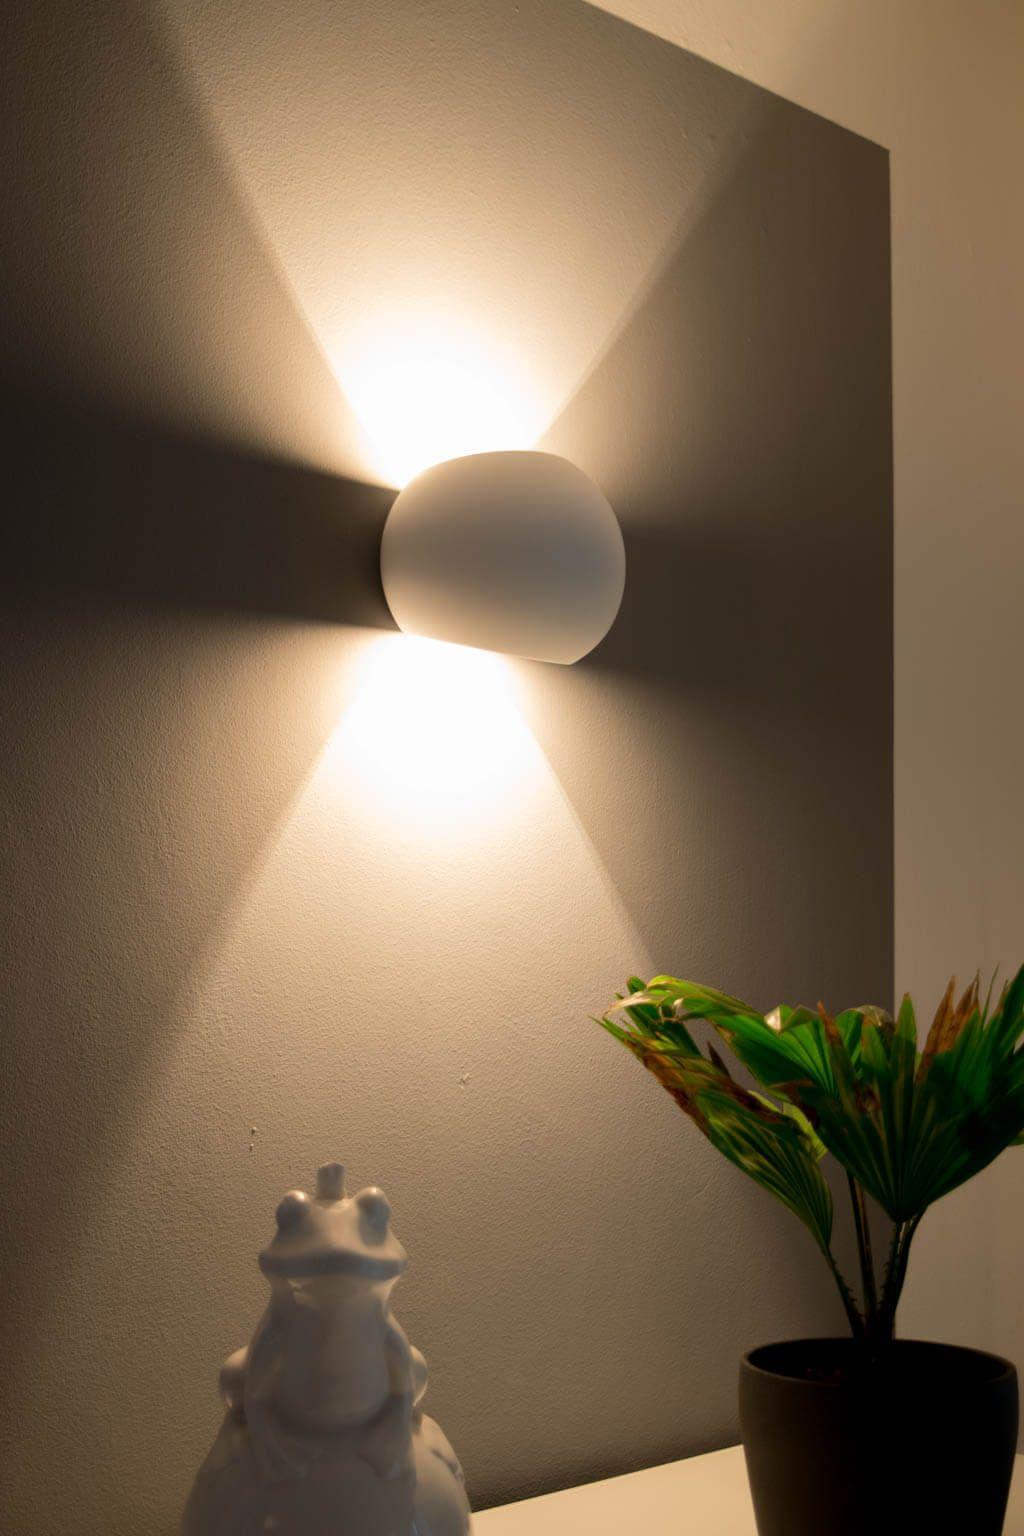 Full Size of Dimmbare Led Wandlampen Unsere Wandleuchten Frs Wohnzimmer Deckenleuchten Schlafzimmer Landhaus Regal Günstige Wandlampe Deckenlampe Truhe Rauch Deckenleuchte Wohnzimmer Schlafzimmer Wandlampen